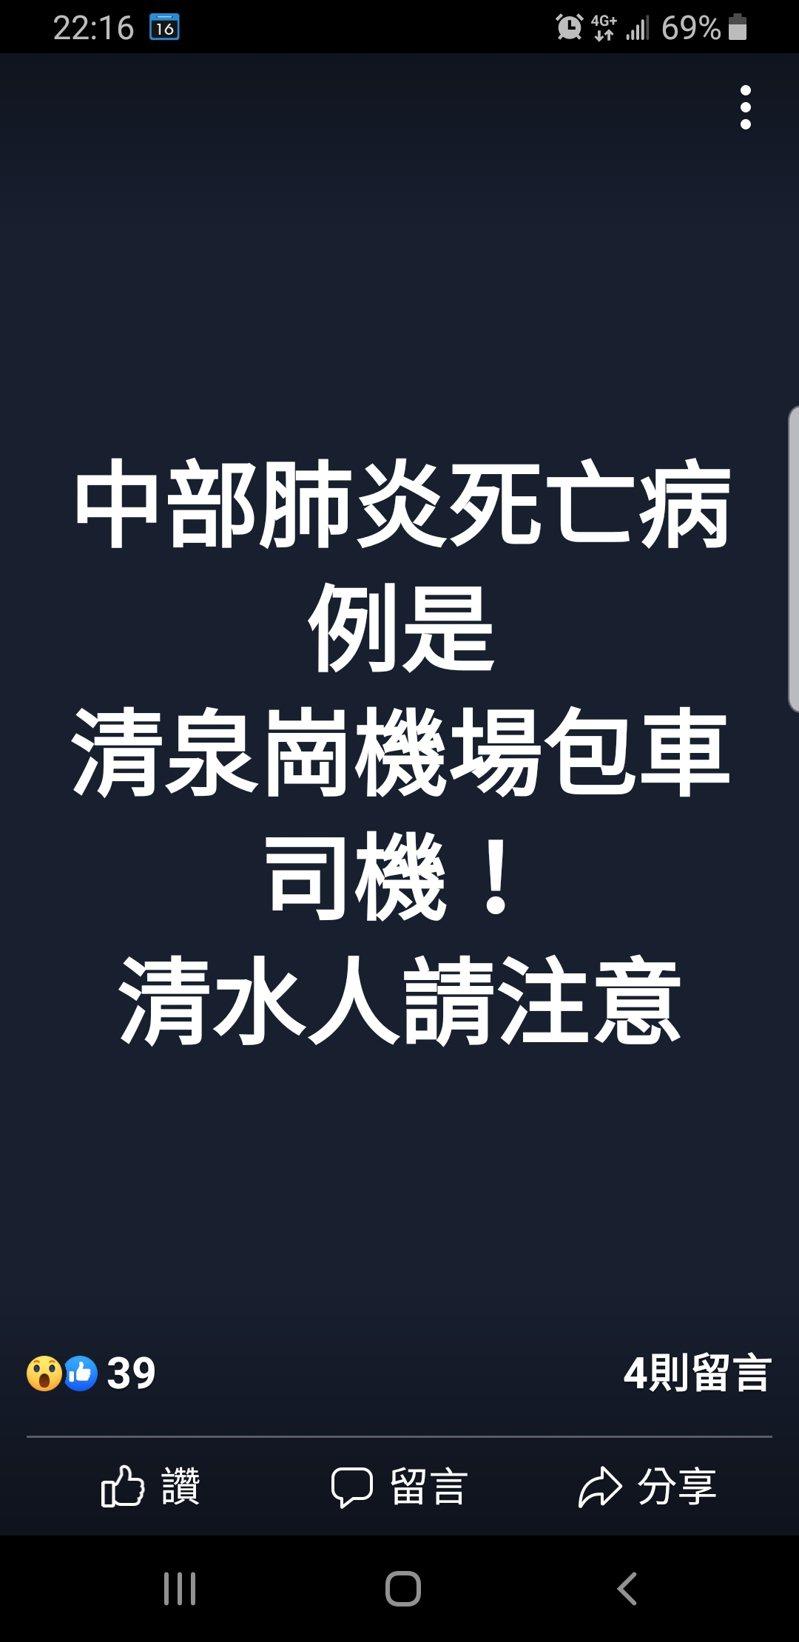 臉書有人今晚po文說,台灣的新冠肺炎死亡首例是清泉崗機場包車司機,民航局說,無法證實。圖/取自臉書